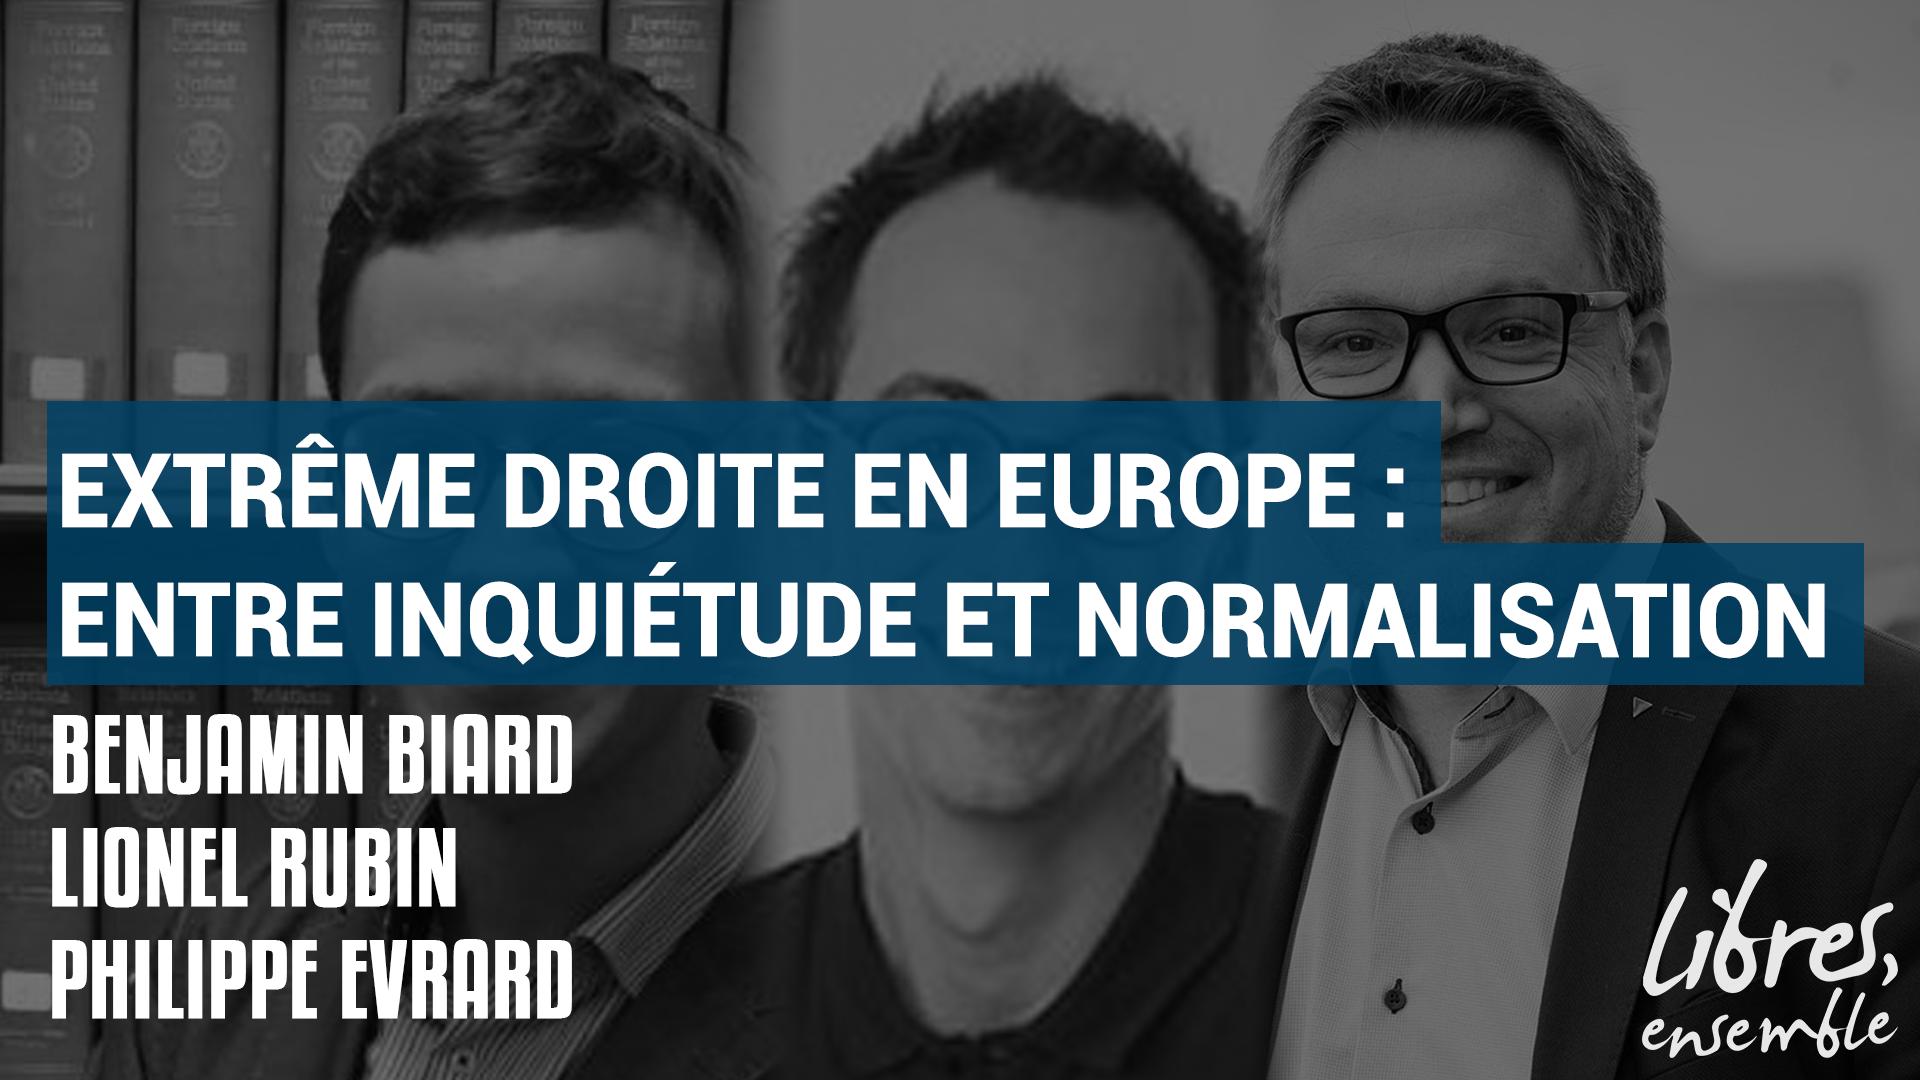 Extrême droite en Europe : entre inquiétude et normalisation